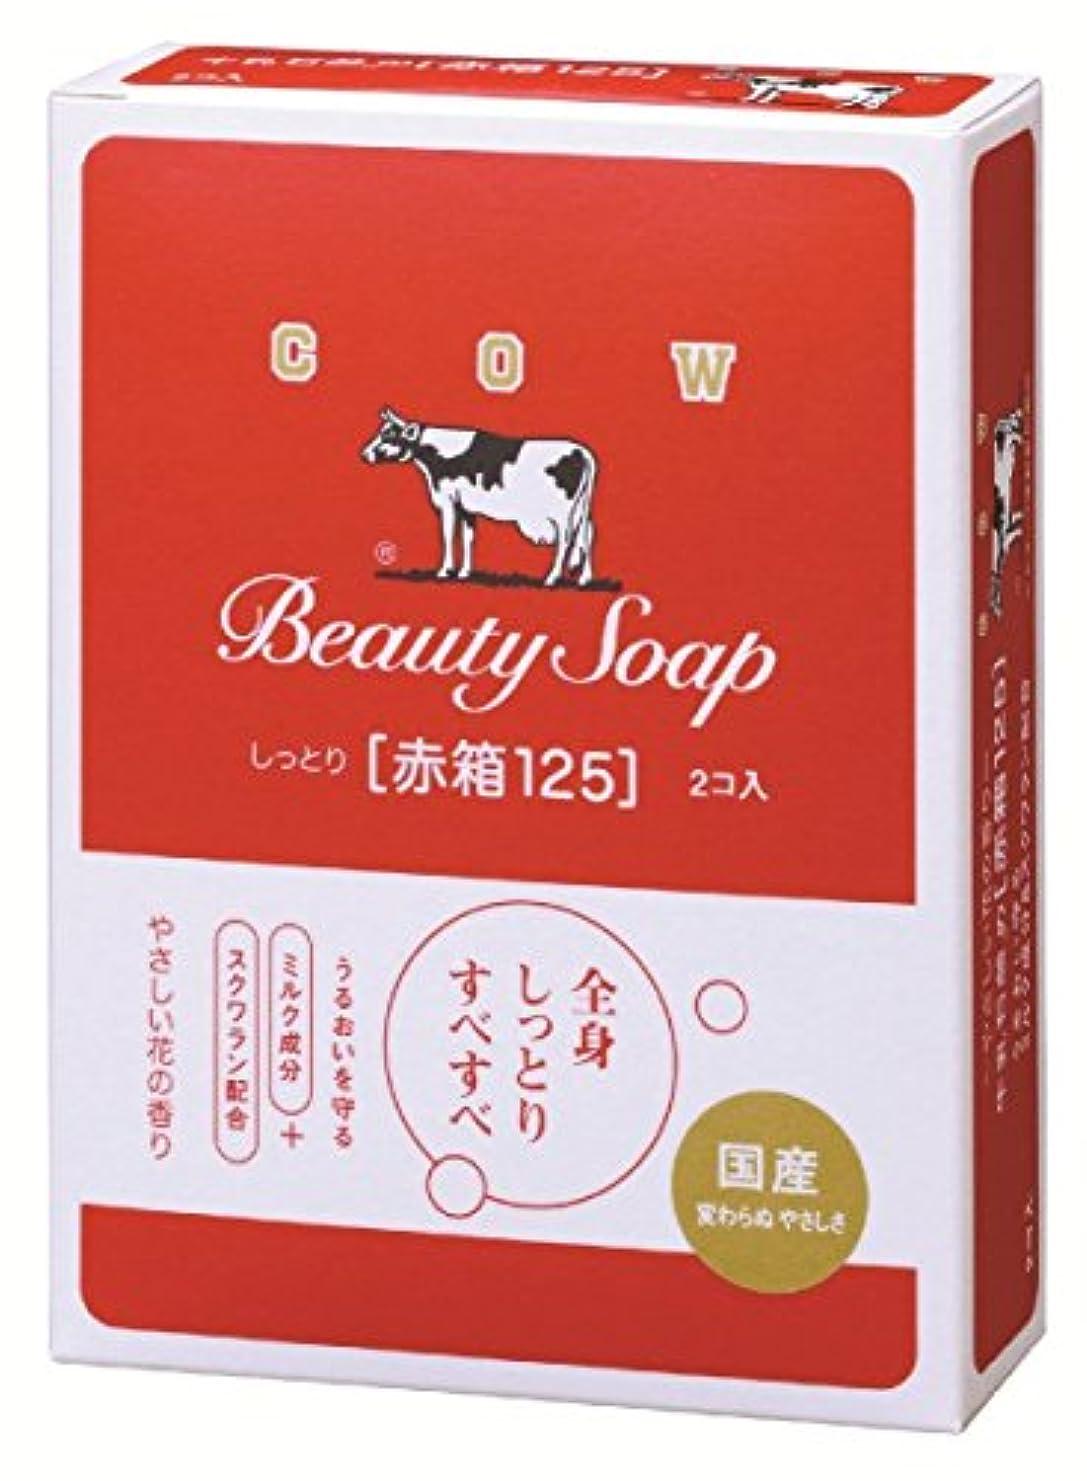 ケージ兄弟愛孤独な牛乳石鹸共進社 カウブランド 赤箱 125g×2